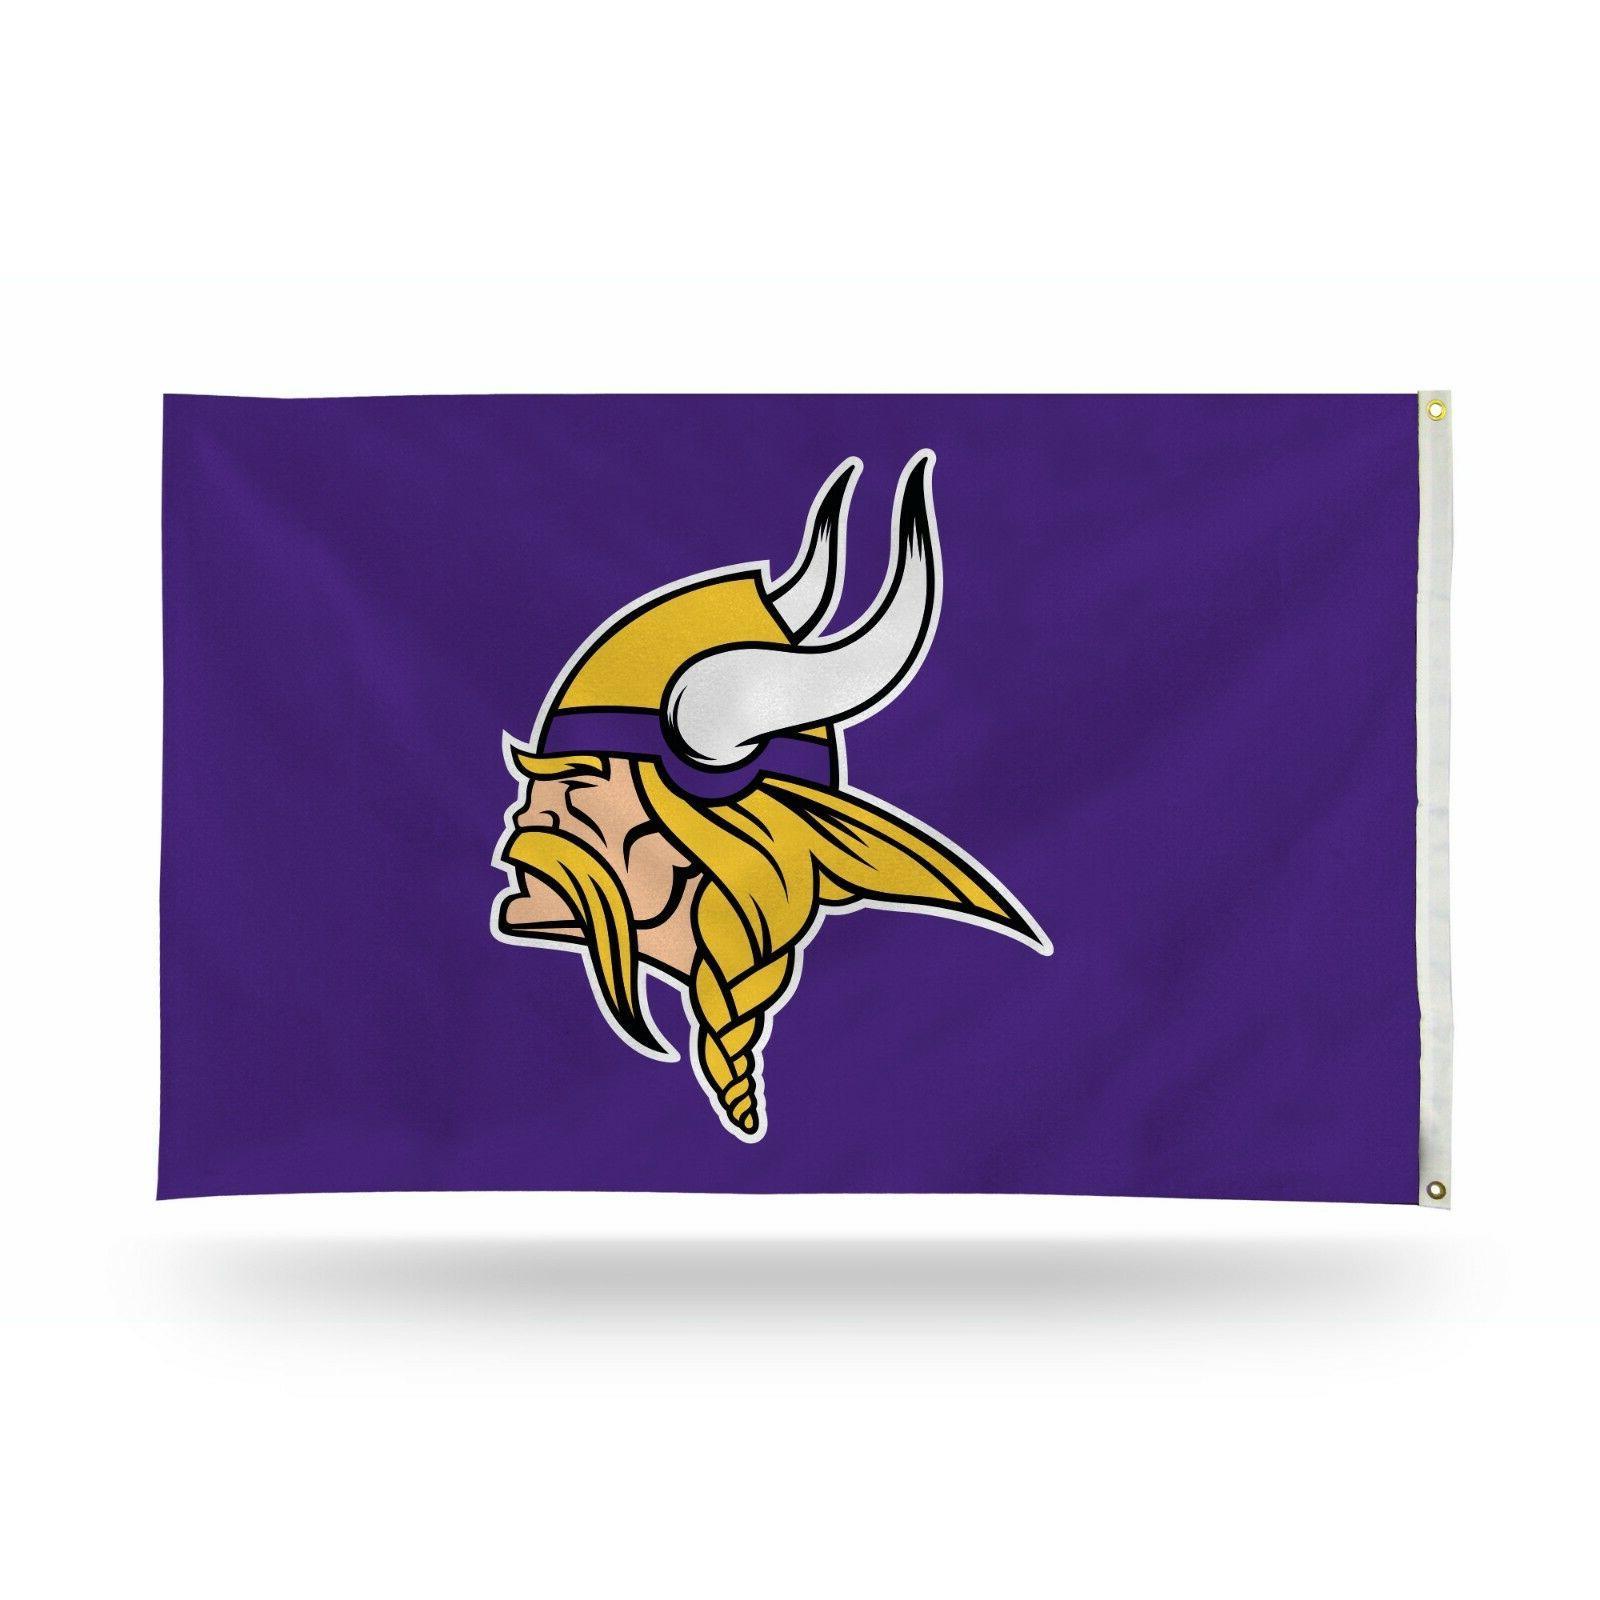 3x5 outdoor flag nfl football minnesota vikings